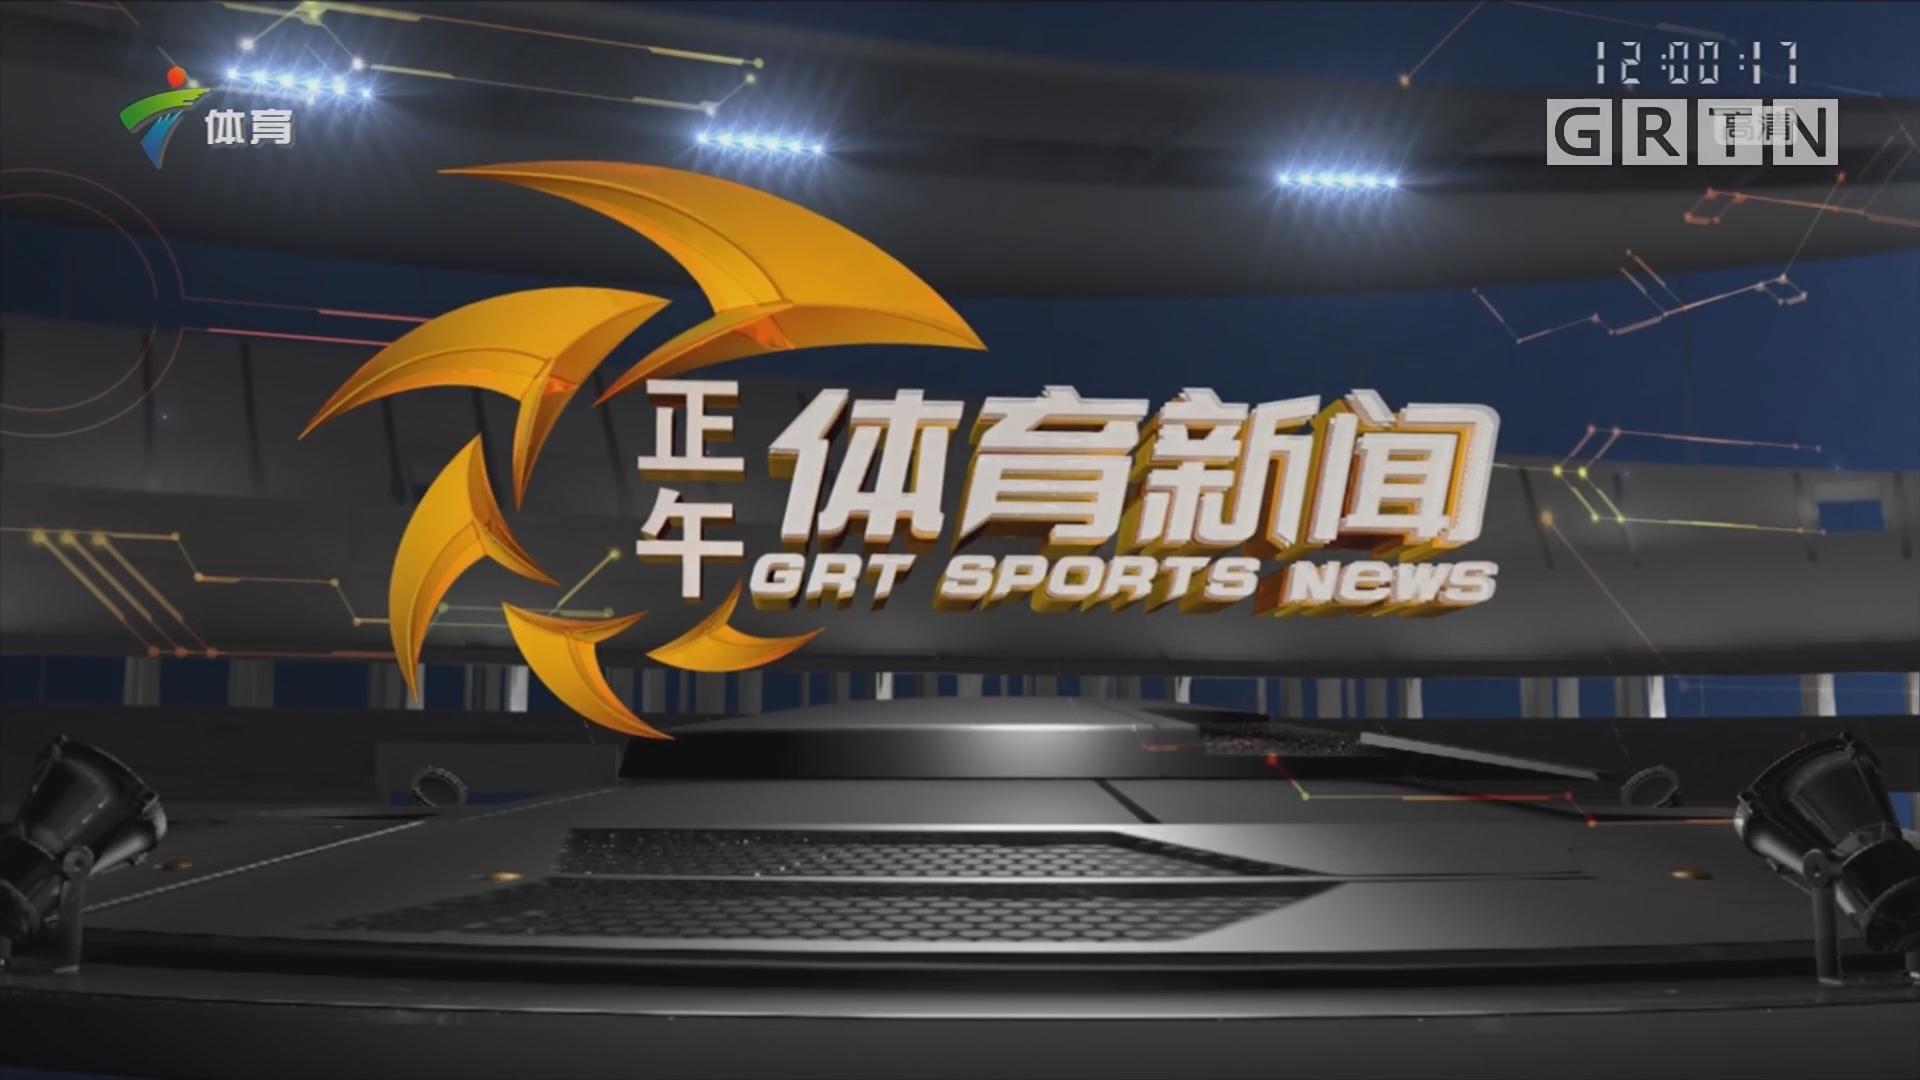 [HD][2018-05-20]正午体育新闻:骑士主场大胜凯尔特人 扳回一城